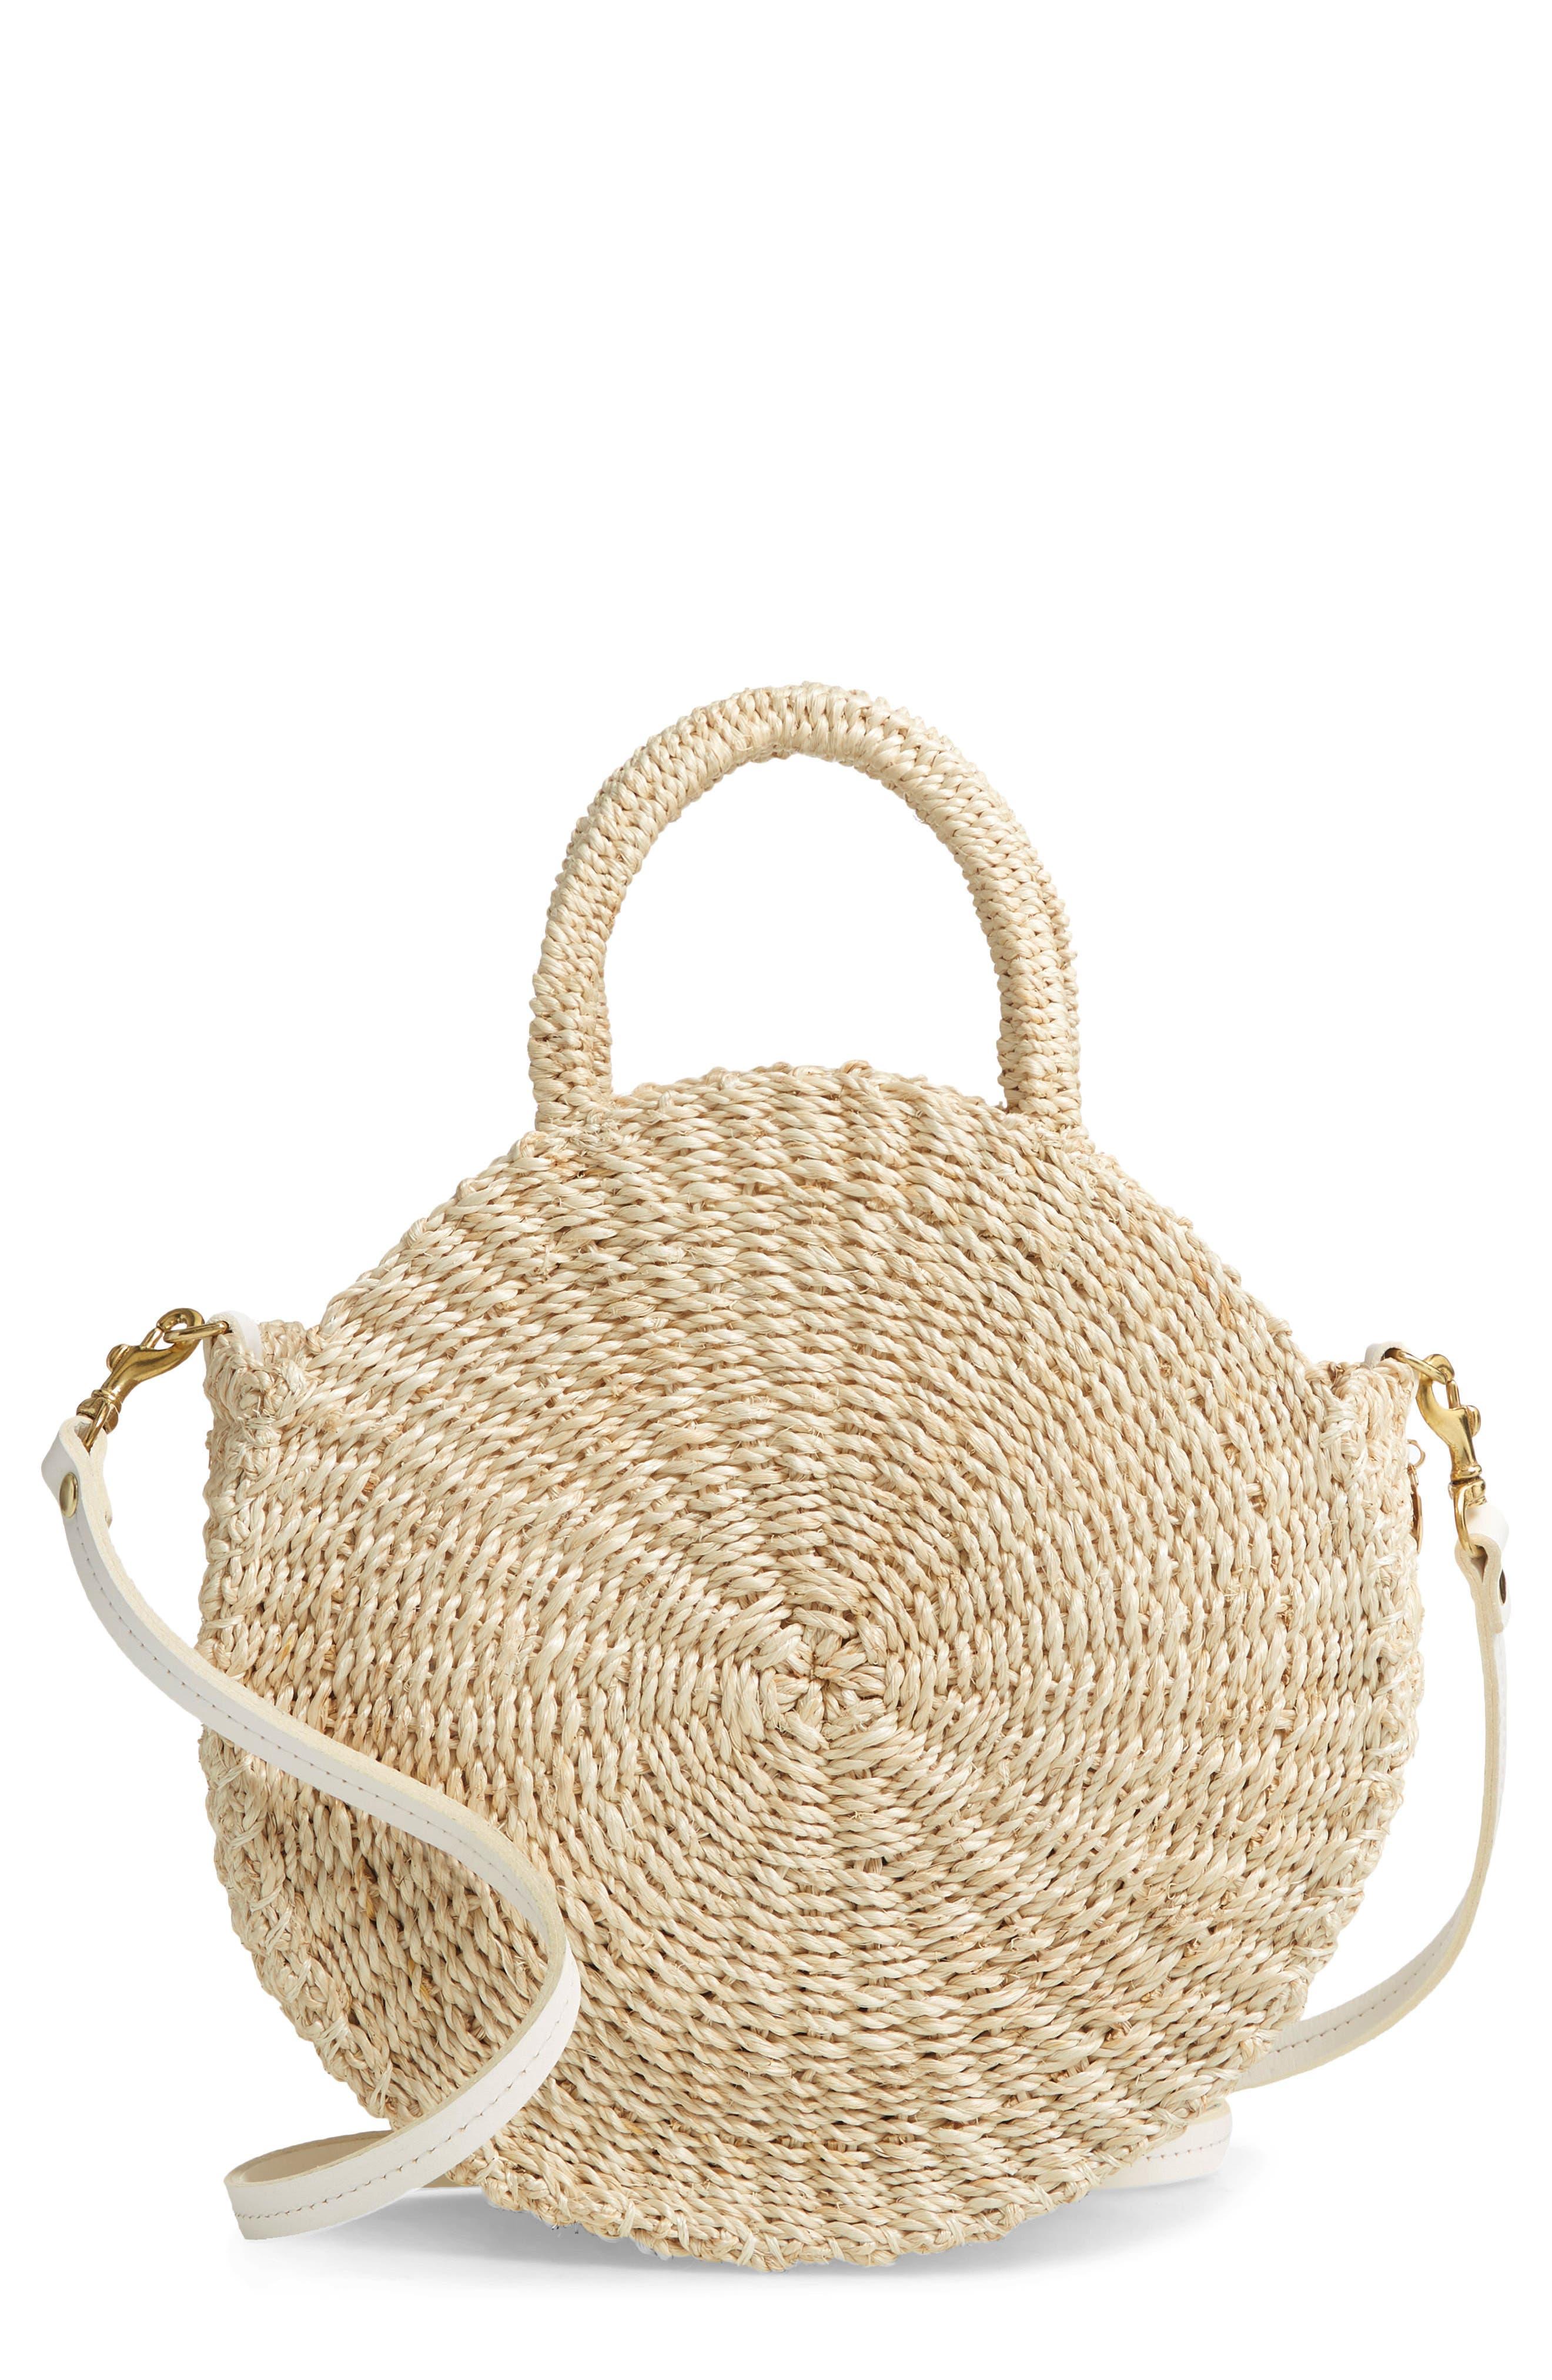 Little Gold Acorns Tricot Project Bag